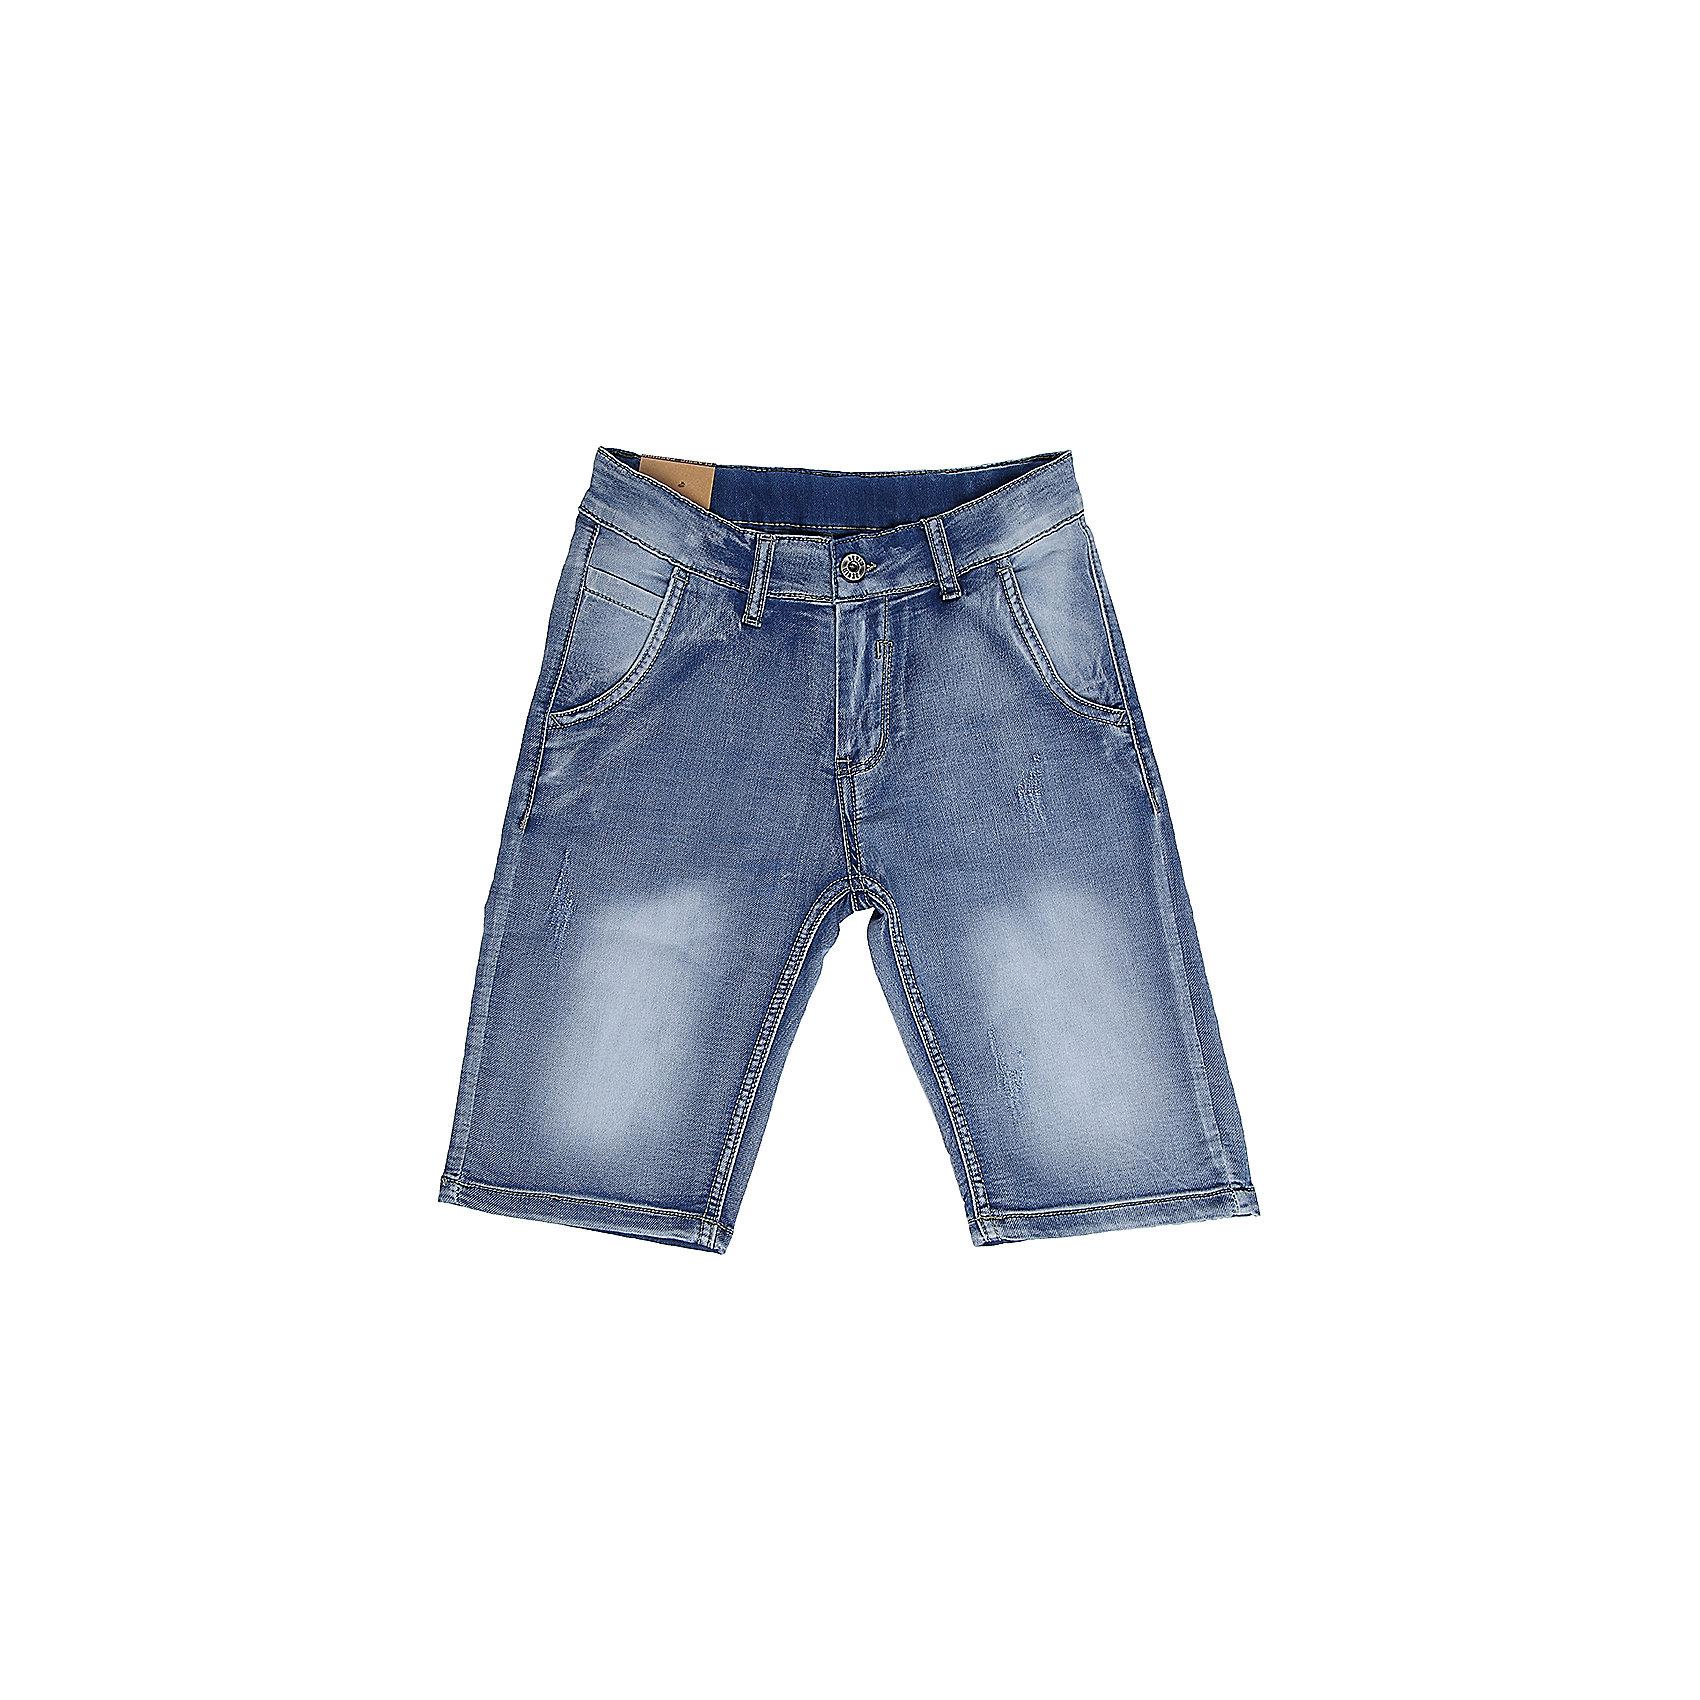 Шорты джинсовые для мальчика LuminosoШорты, бриджи, капри<br>Джинсовые шорты для мальчика. Застегиваются на молнию и пуговицу.   В боковой части пояса находятся вшитые эластичные ленты, регулирующие посадку по талии.<br>Состав:<br>98%хлопок 2%эластан<br><br>Ширина мм: 191<br>Глубина мм: 10<br>Высота мм: 175<br>Вес г: 273<br>Цвет: синий<br>Возраст от месяцев: 156<br>Возраст до месяцев: 168<br>Пол: Мужской<br>Возраст: Детский<br>Размер: 164,134,152,158,140,146<br>SKU: 5409475